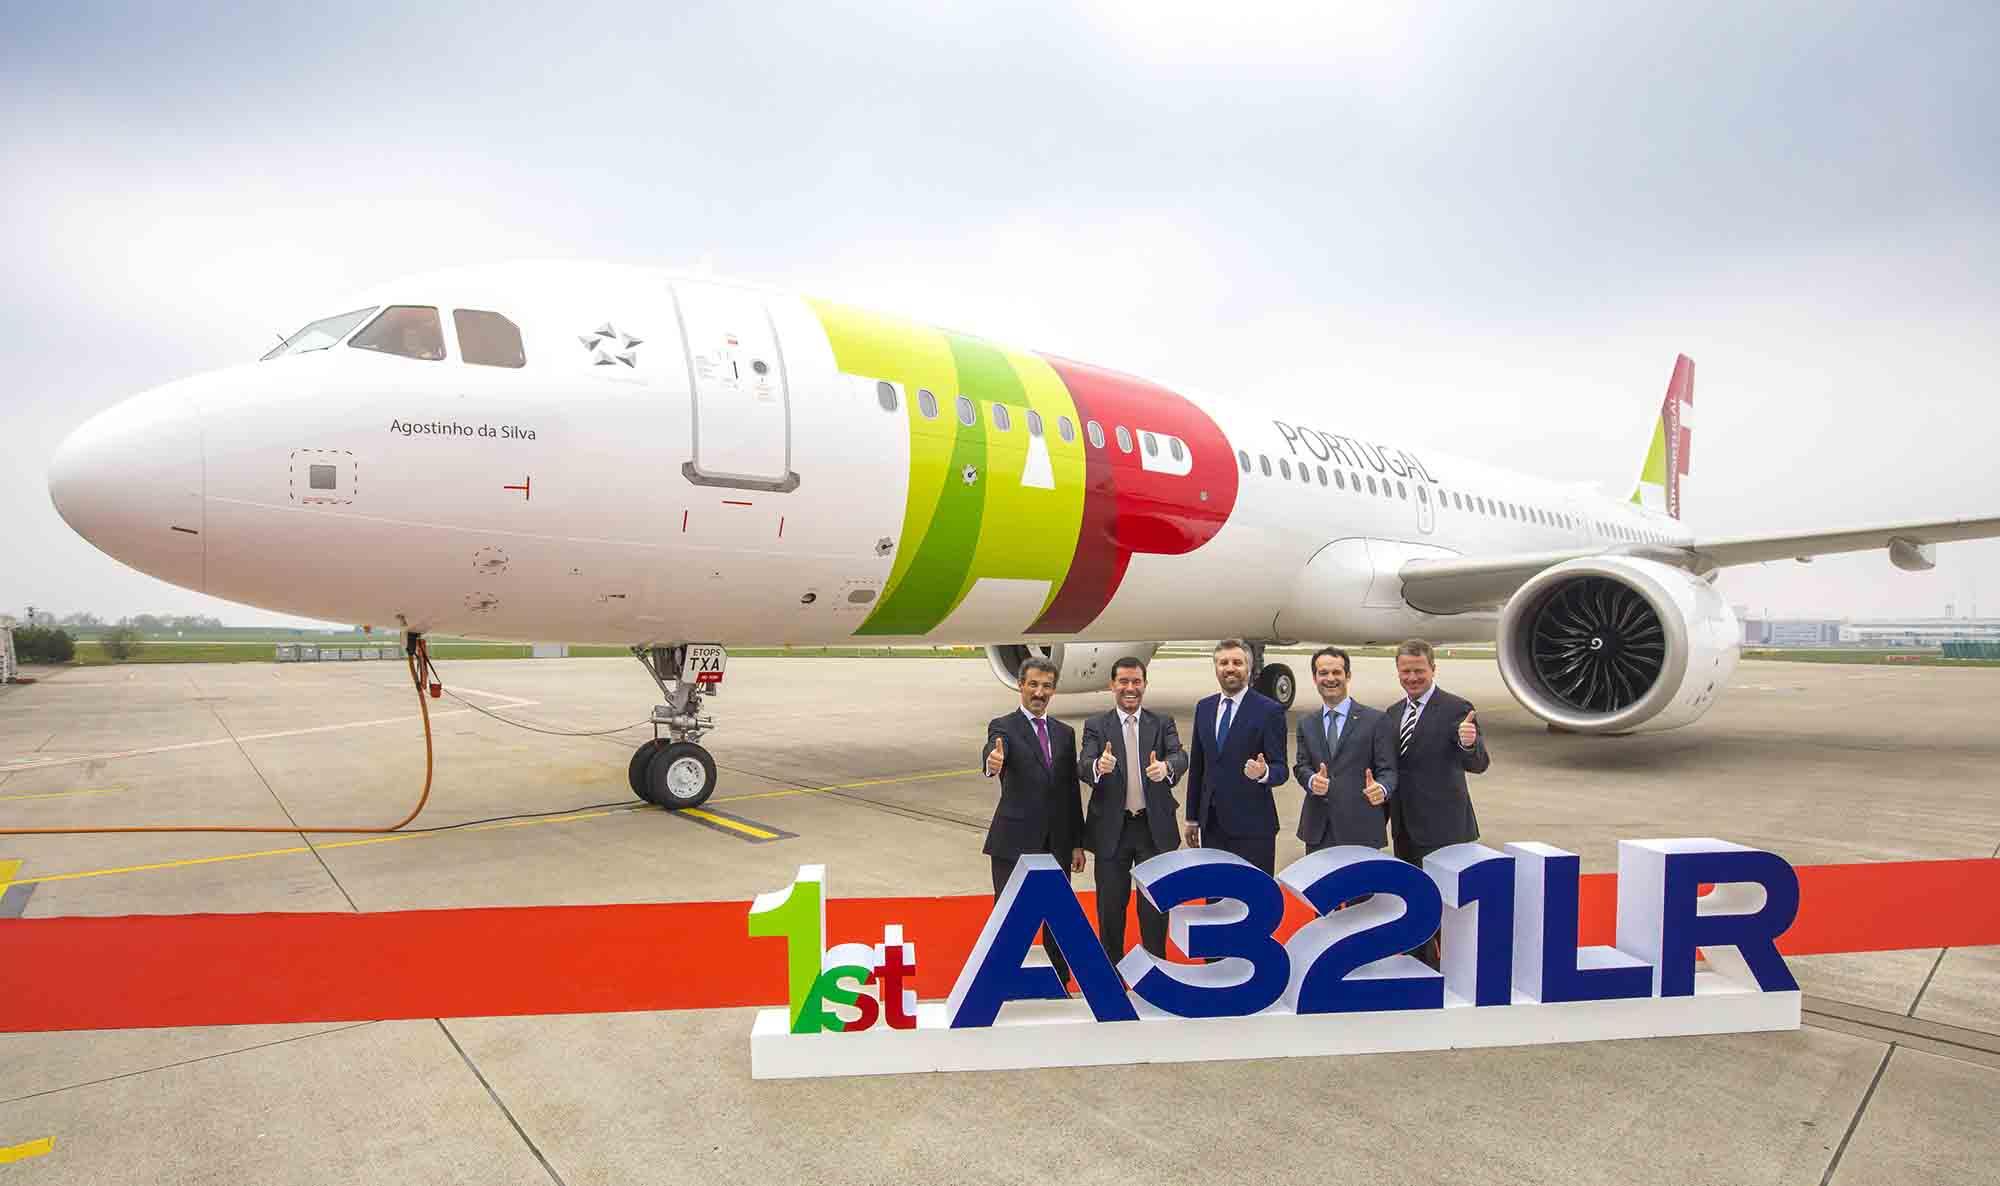 TAP Air Portugal recibió su primer A321LR: se acercan los vuelos transatlánticos en narrow bodies a Sudamérica